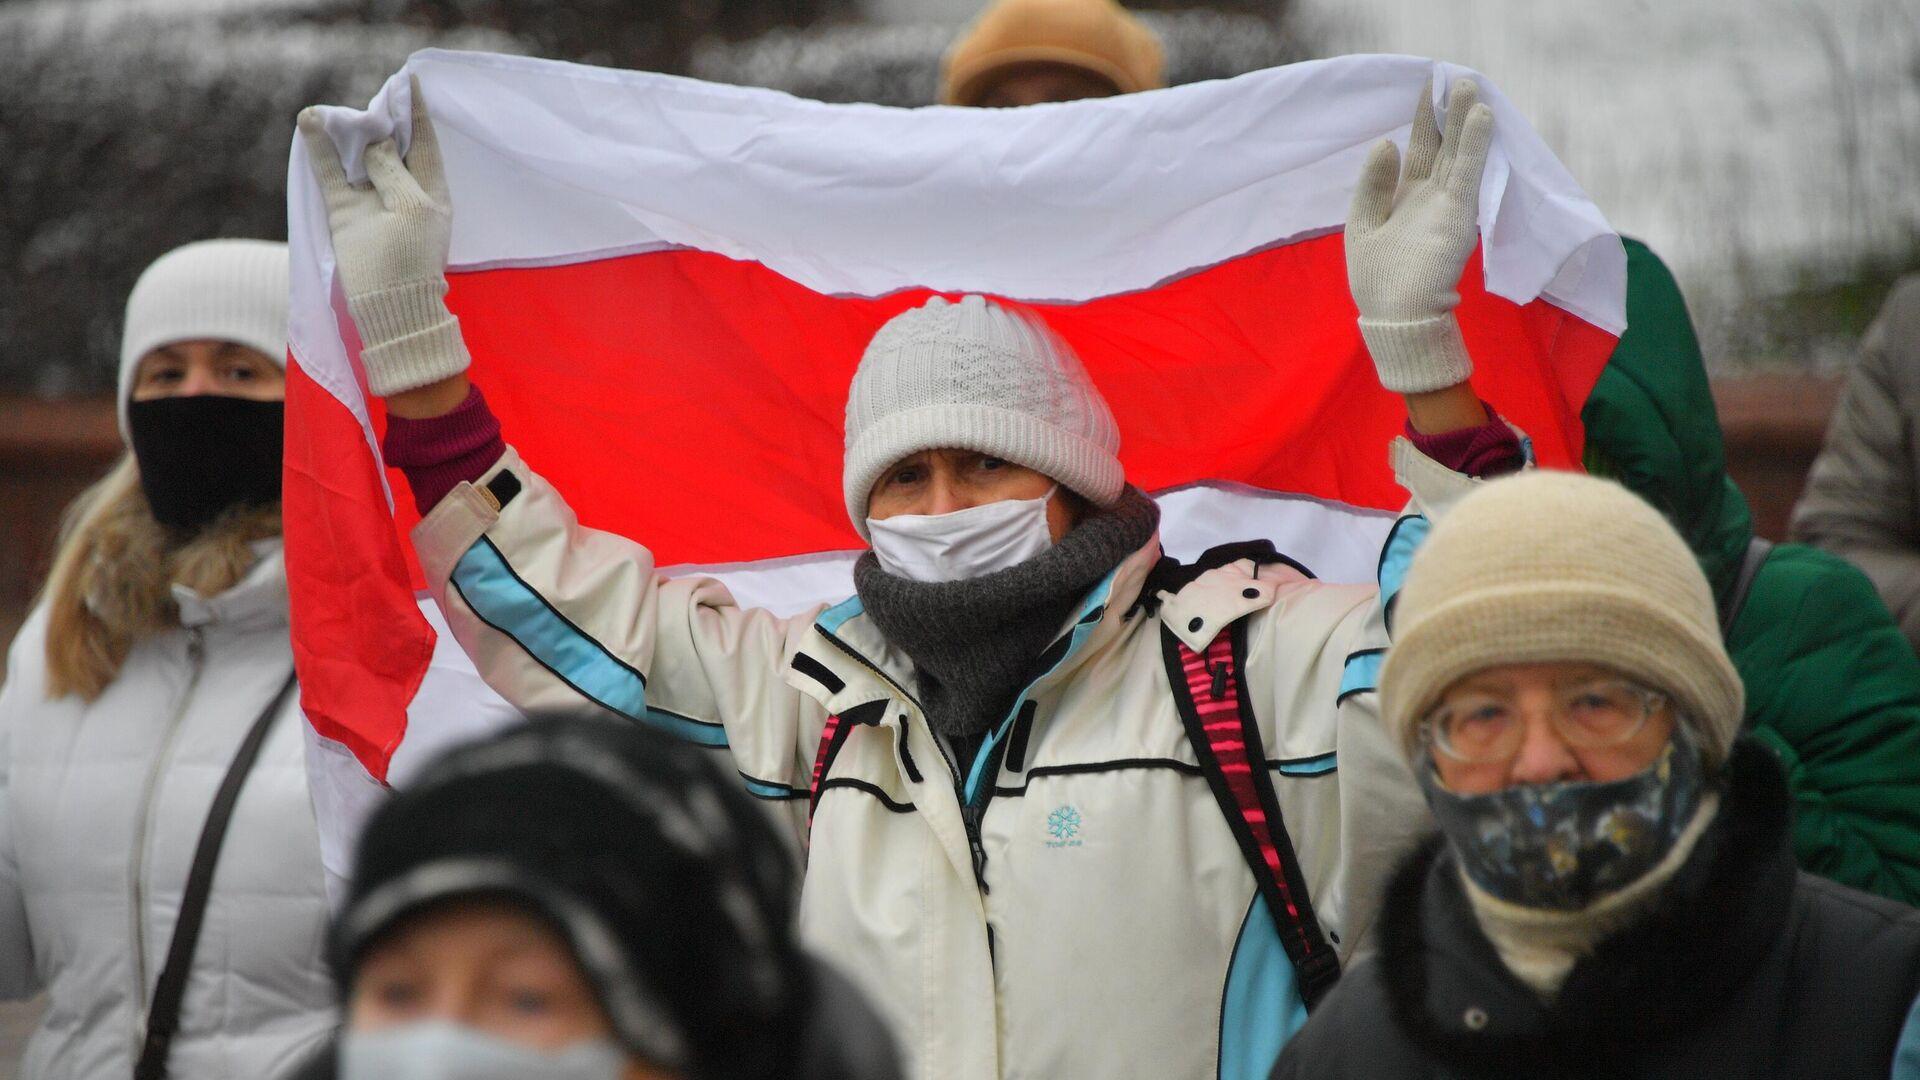 Участники акции протеста пенсионеров Марш мудрости в Минске - РИА Новости, 1920, 13.02.2021